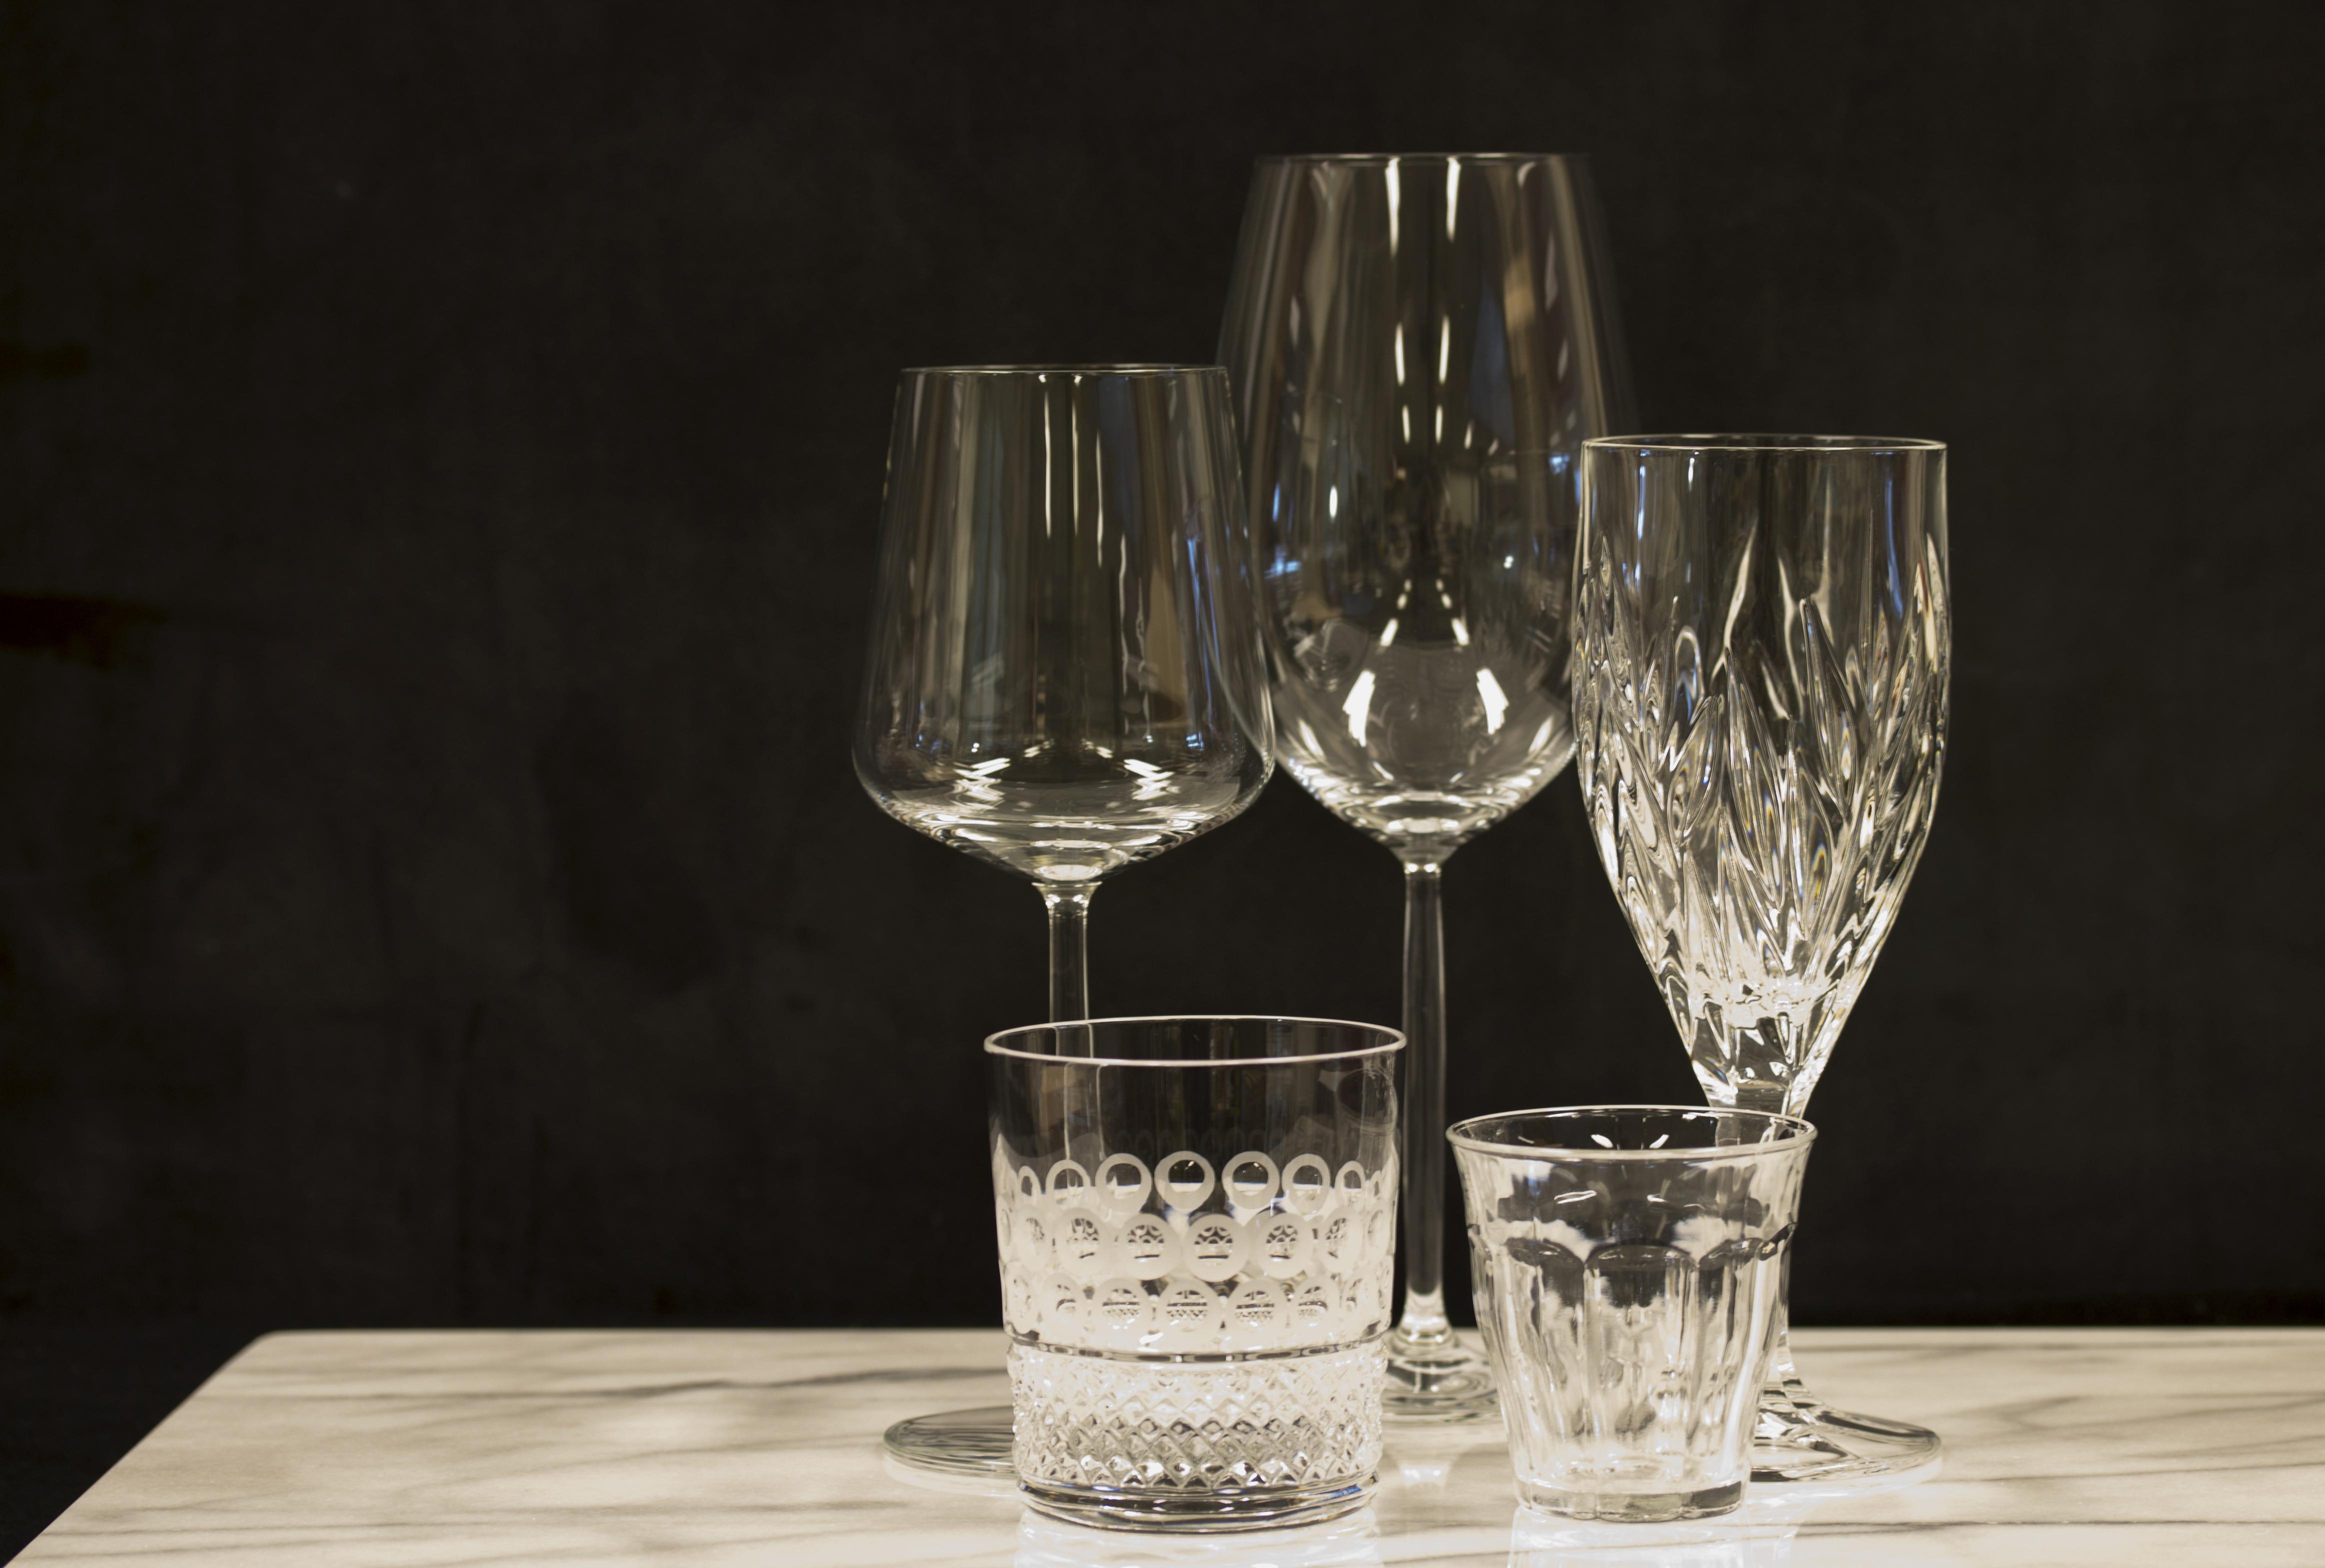 Beste Glas, kristal en kristalglas - wat zijn de onderlinge verschillen JO-13